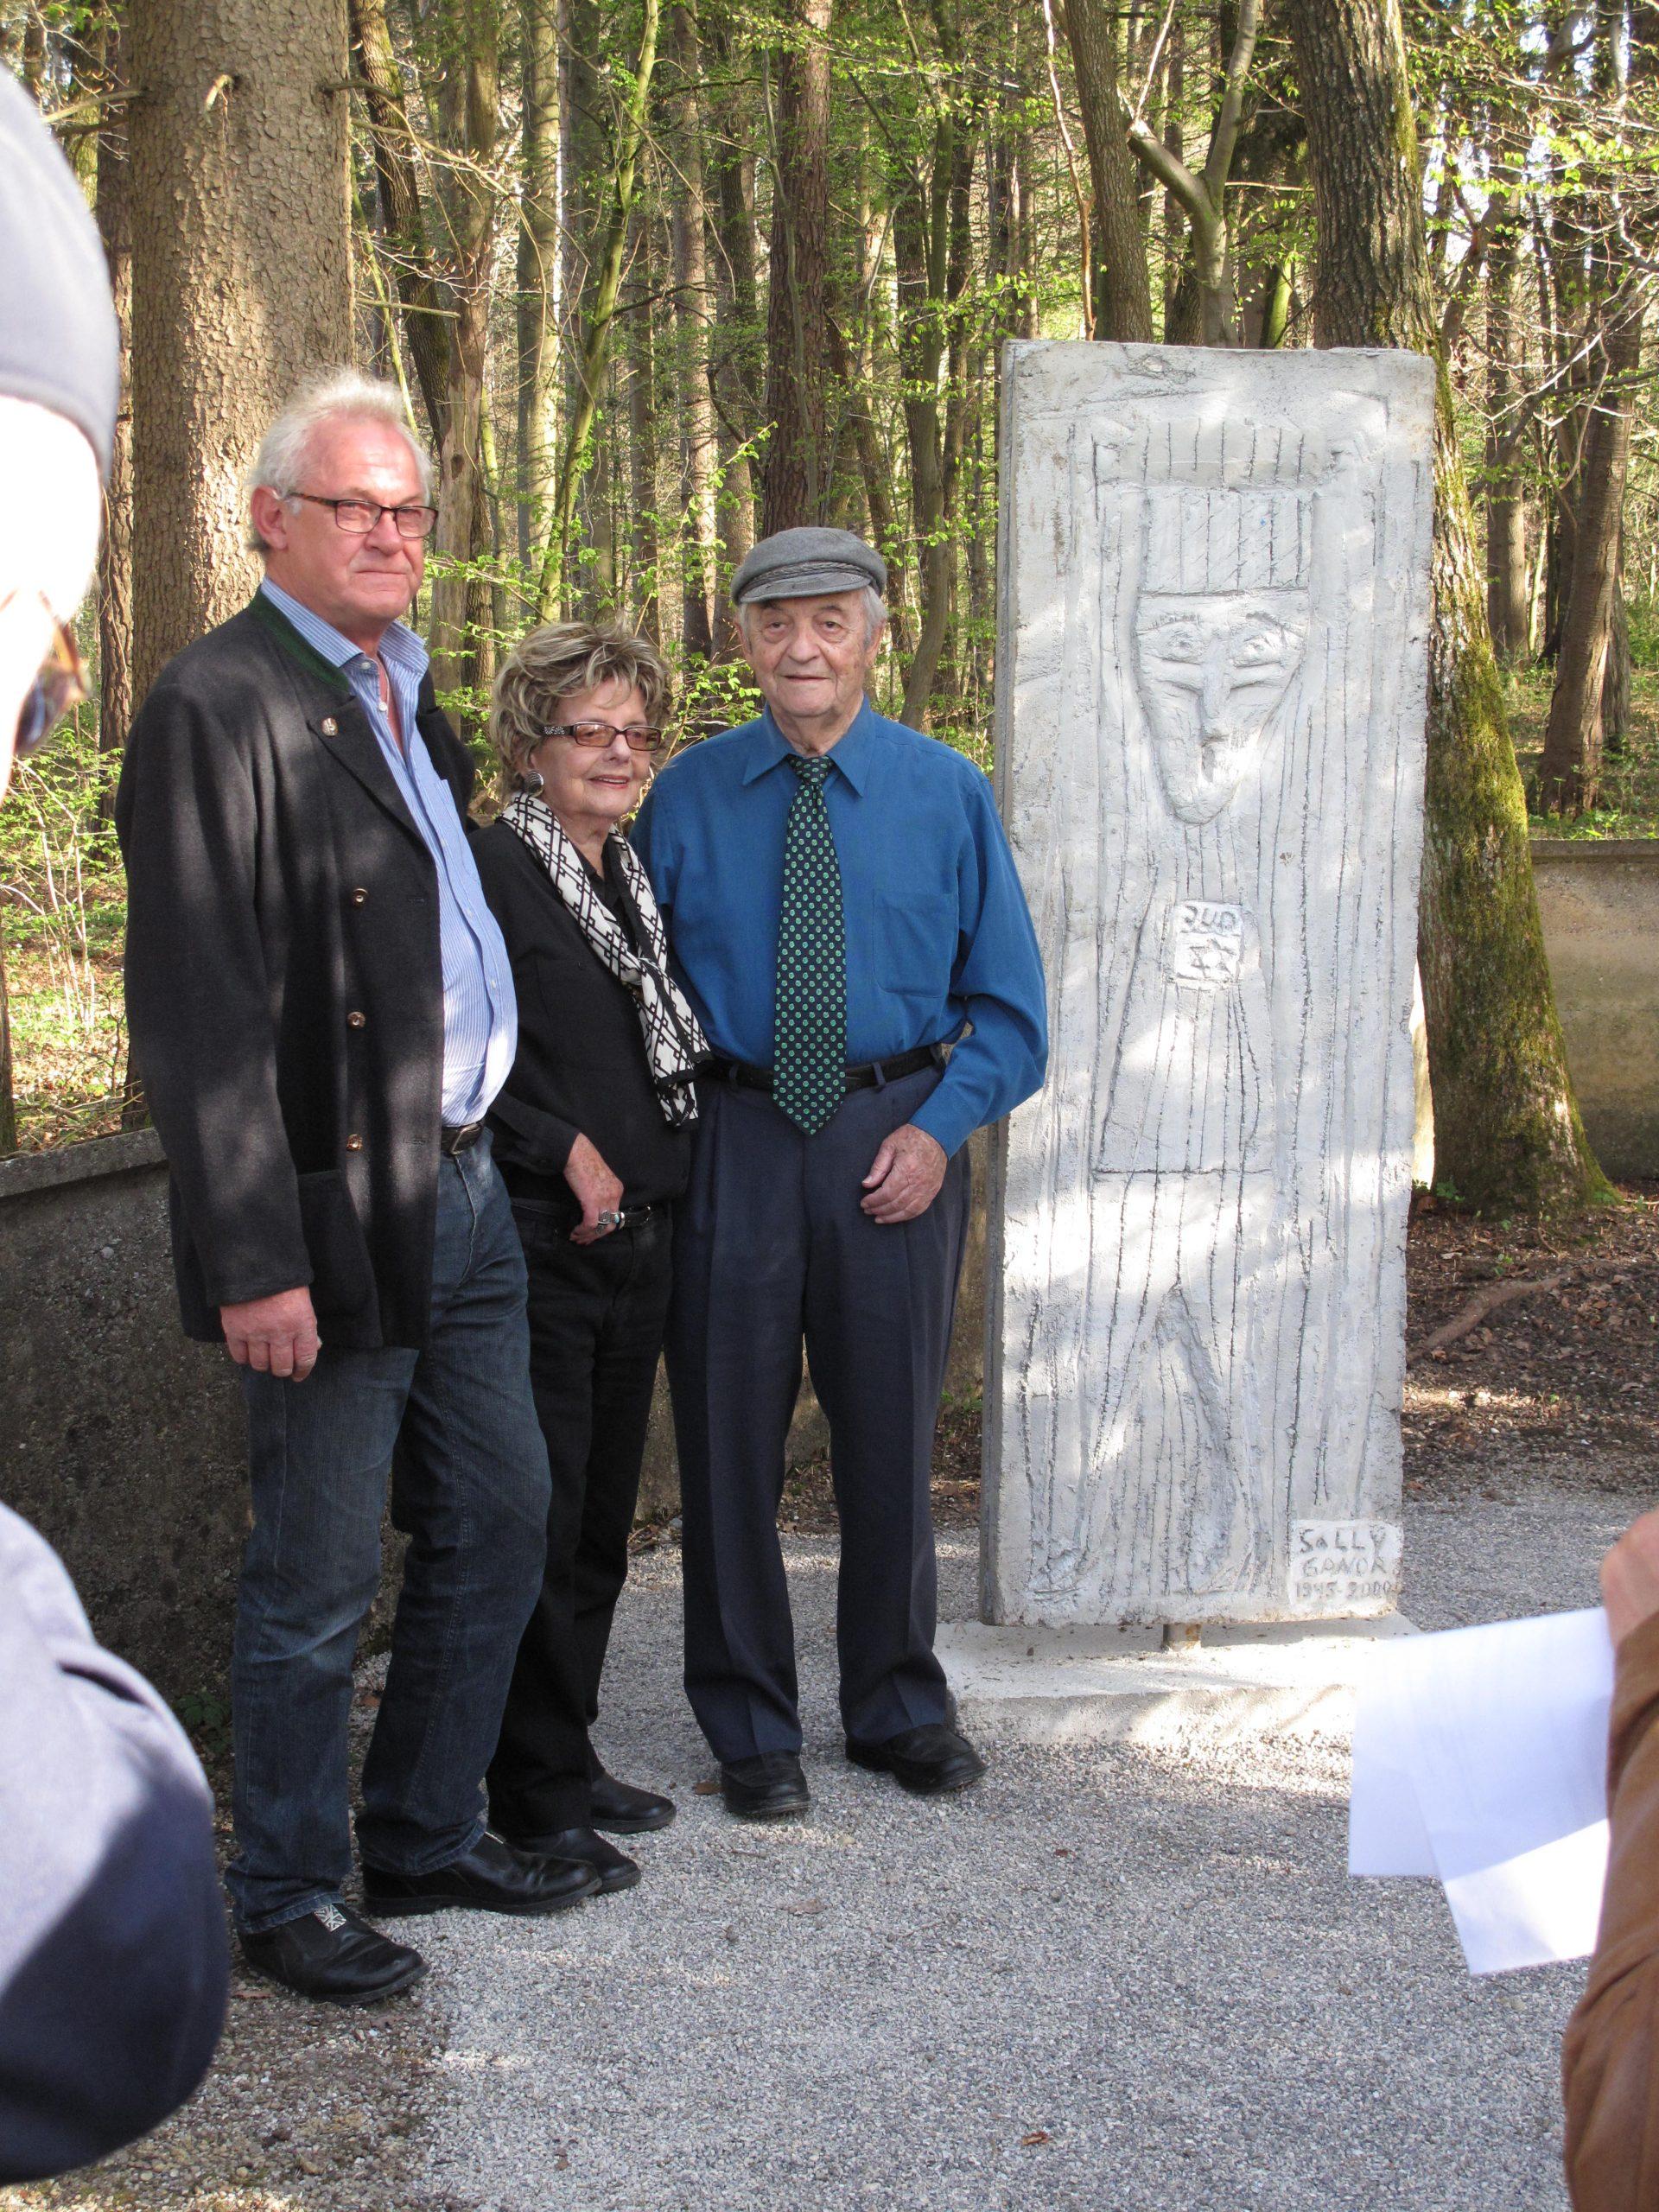 Solly Ganor, Überlebender des Lagers Kaufering X, stellt Betonstele zum Gedenken an KZ-Häftlinge auf.